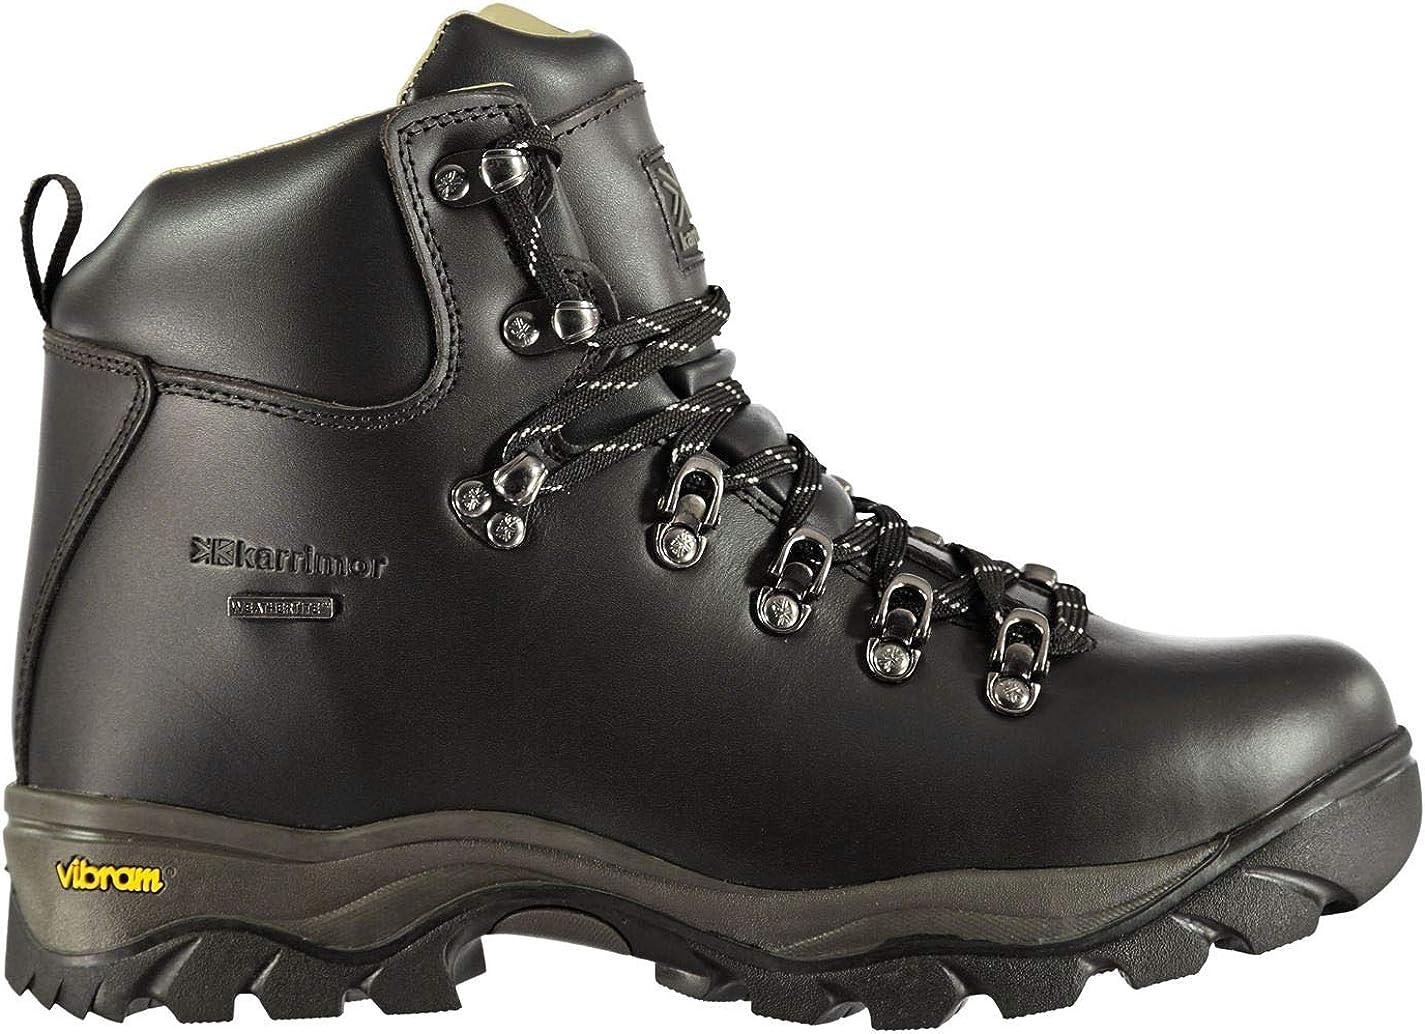 Karrimor Orkney 5 Mens Walking Boots